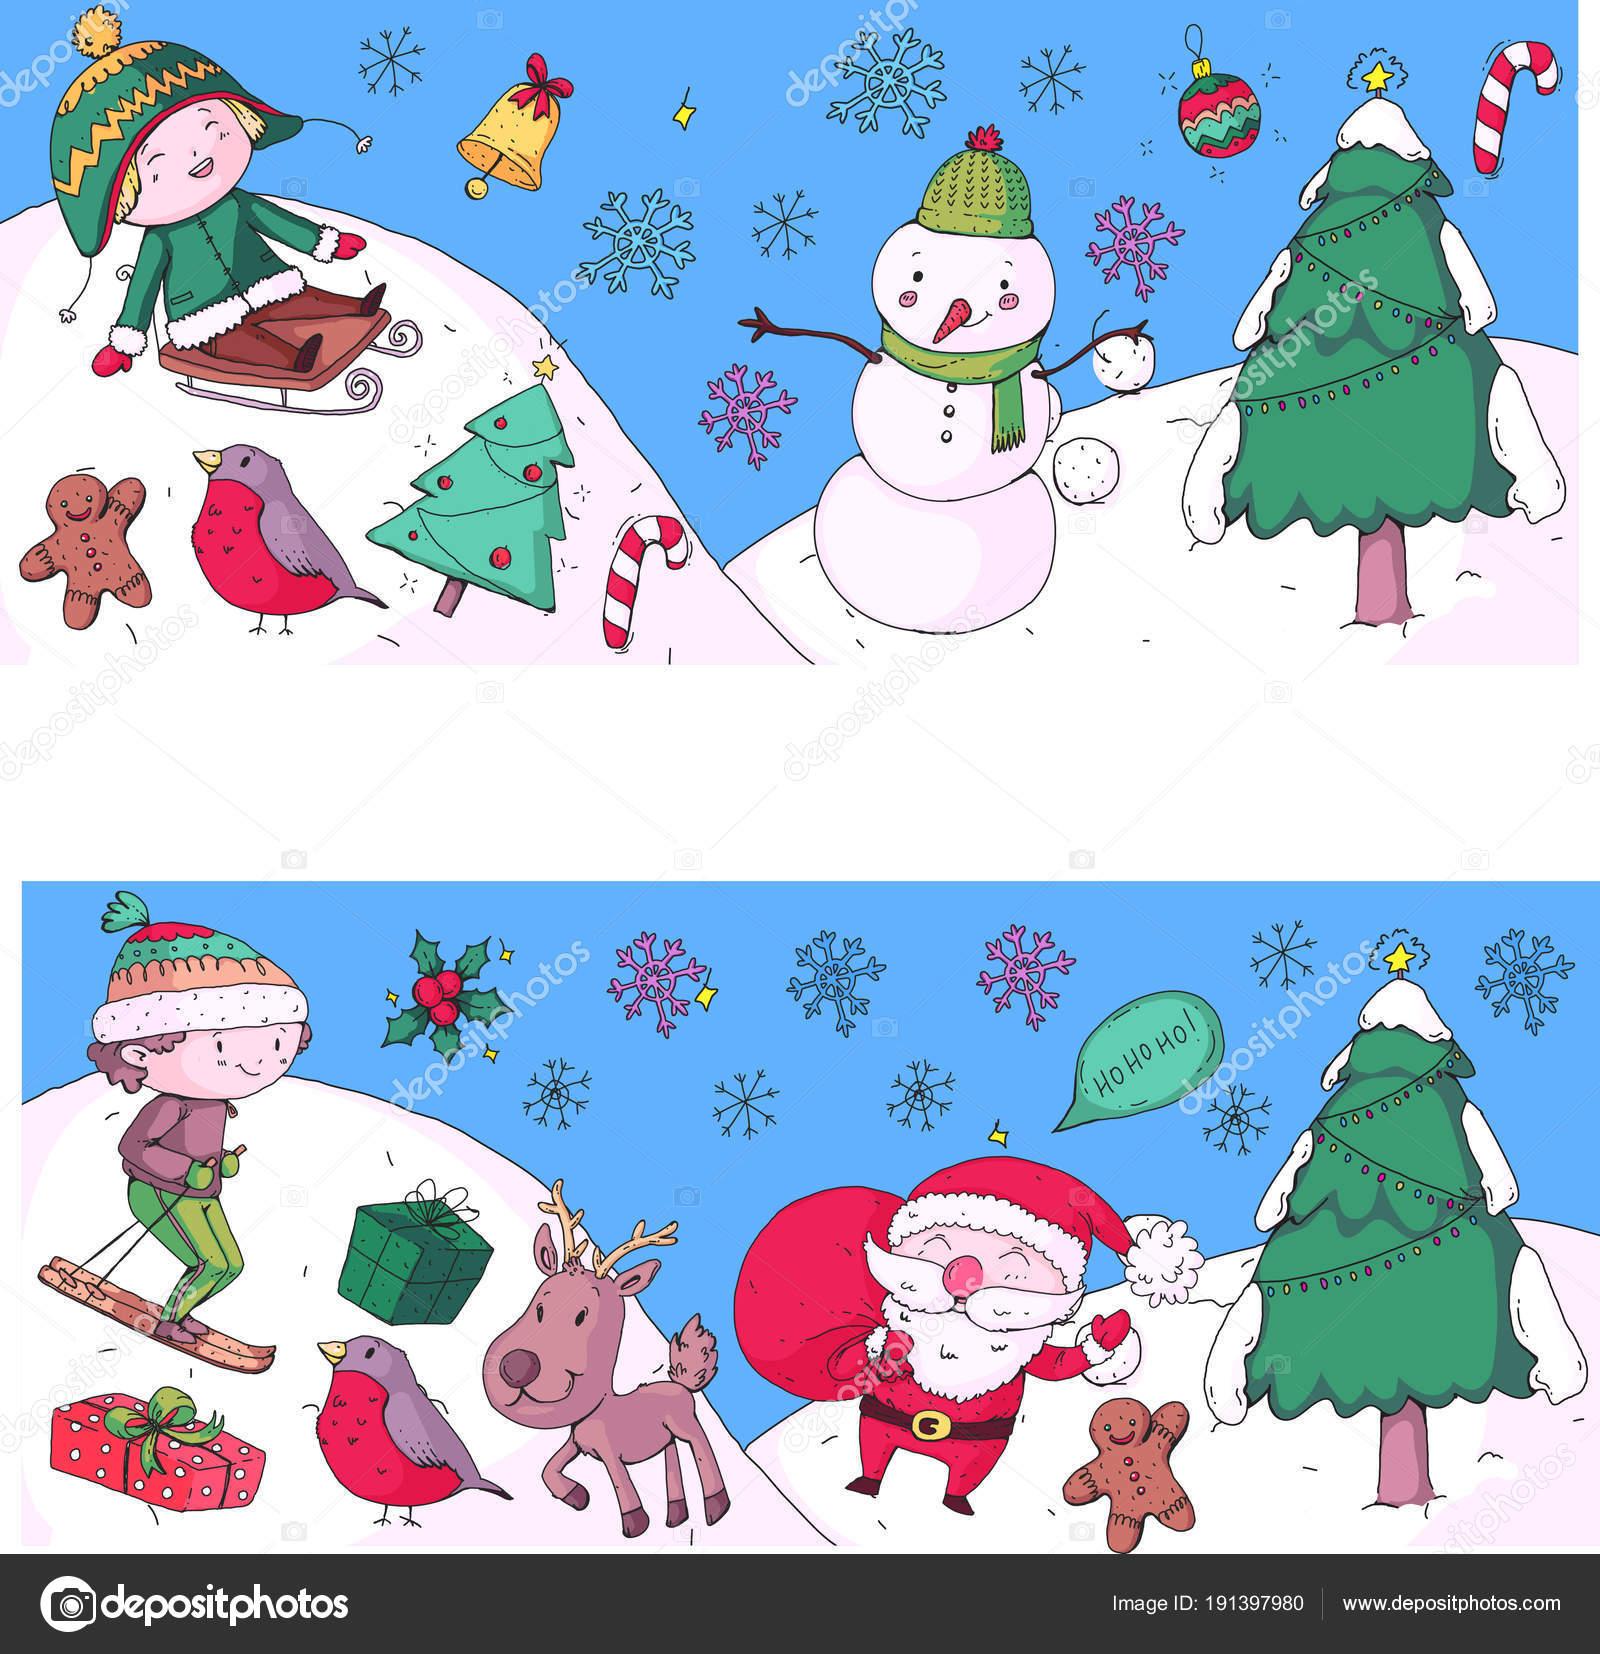 Regali Di Natale Per Bambini Asilo.Natale Festa Di Natale Con I Bambini Disegno Di Illustrazione Con